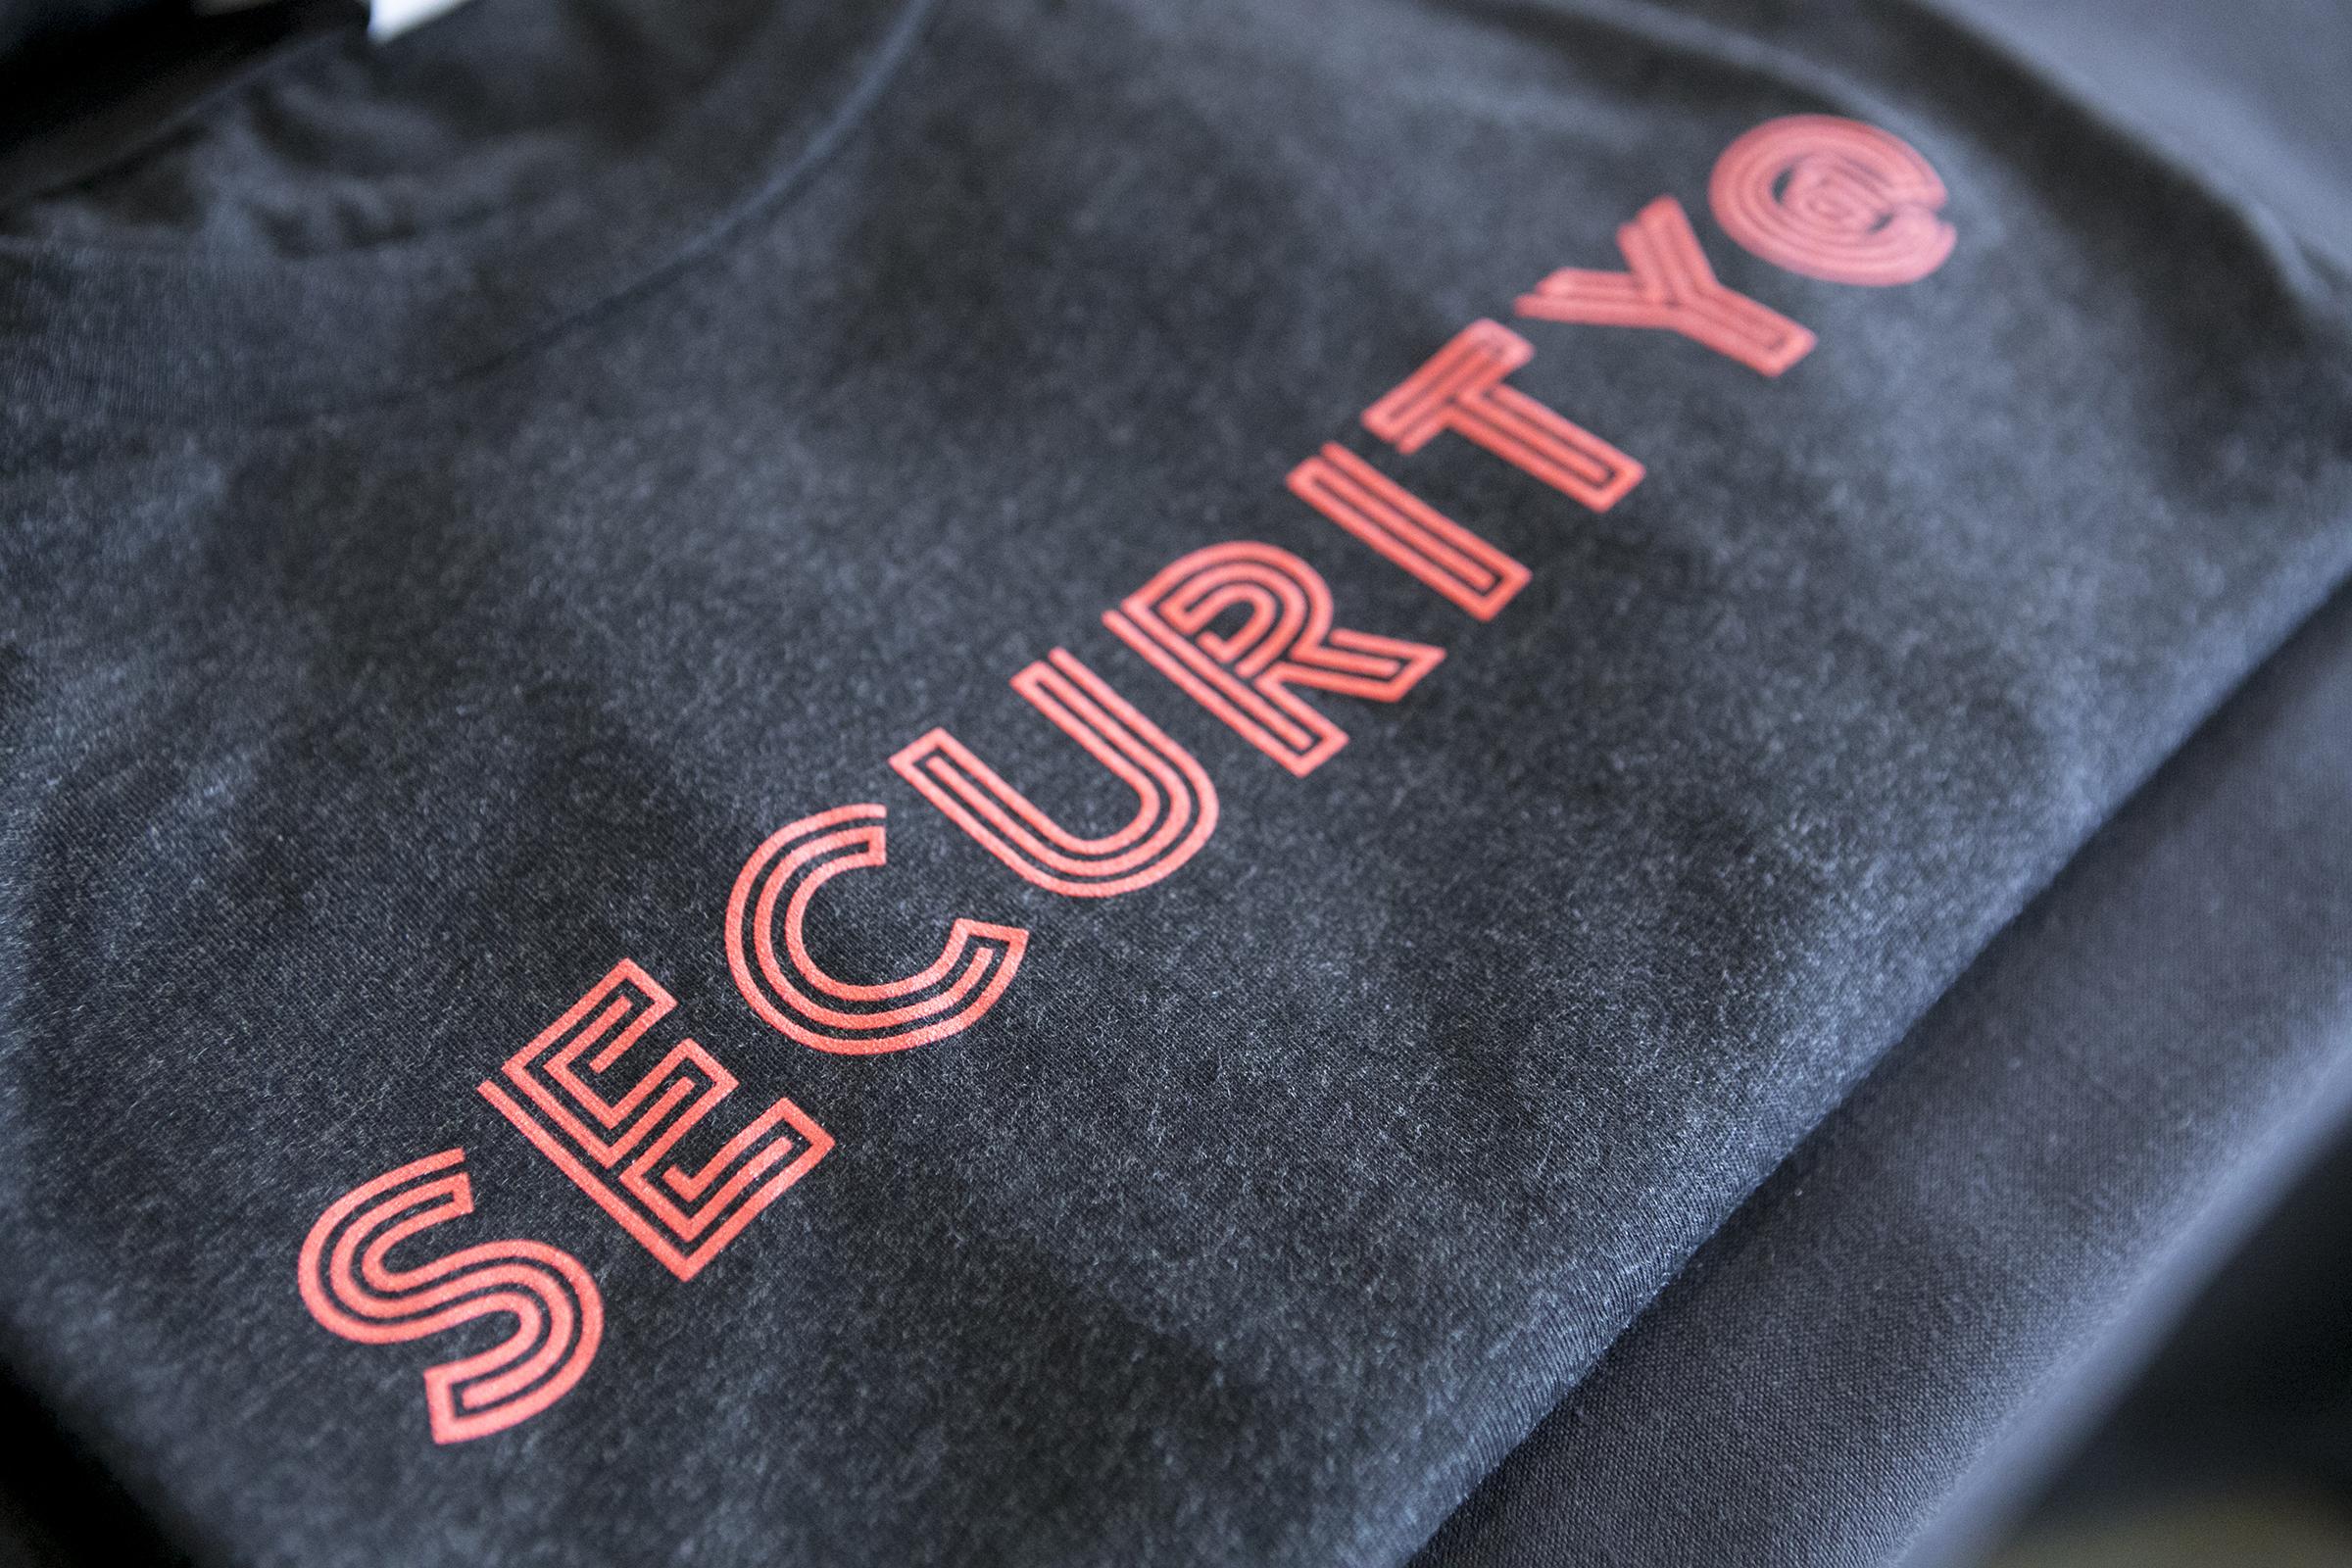 Security_KelseyFloyd_Print_096.jpg